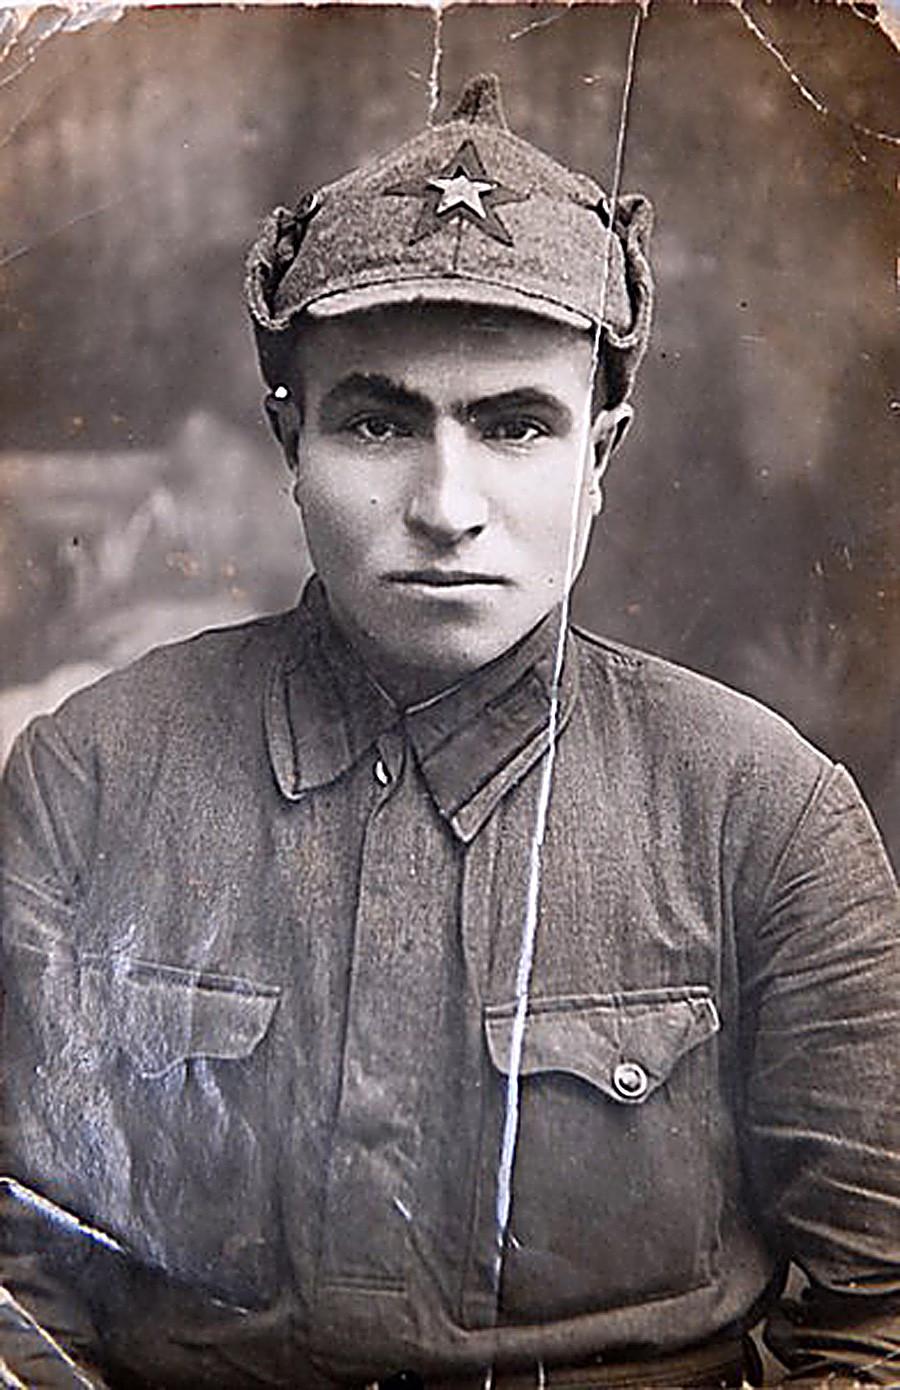 Црвеноармејац Семјон Константинович Гитлер.